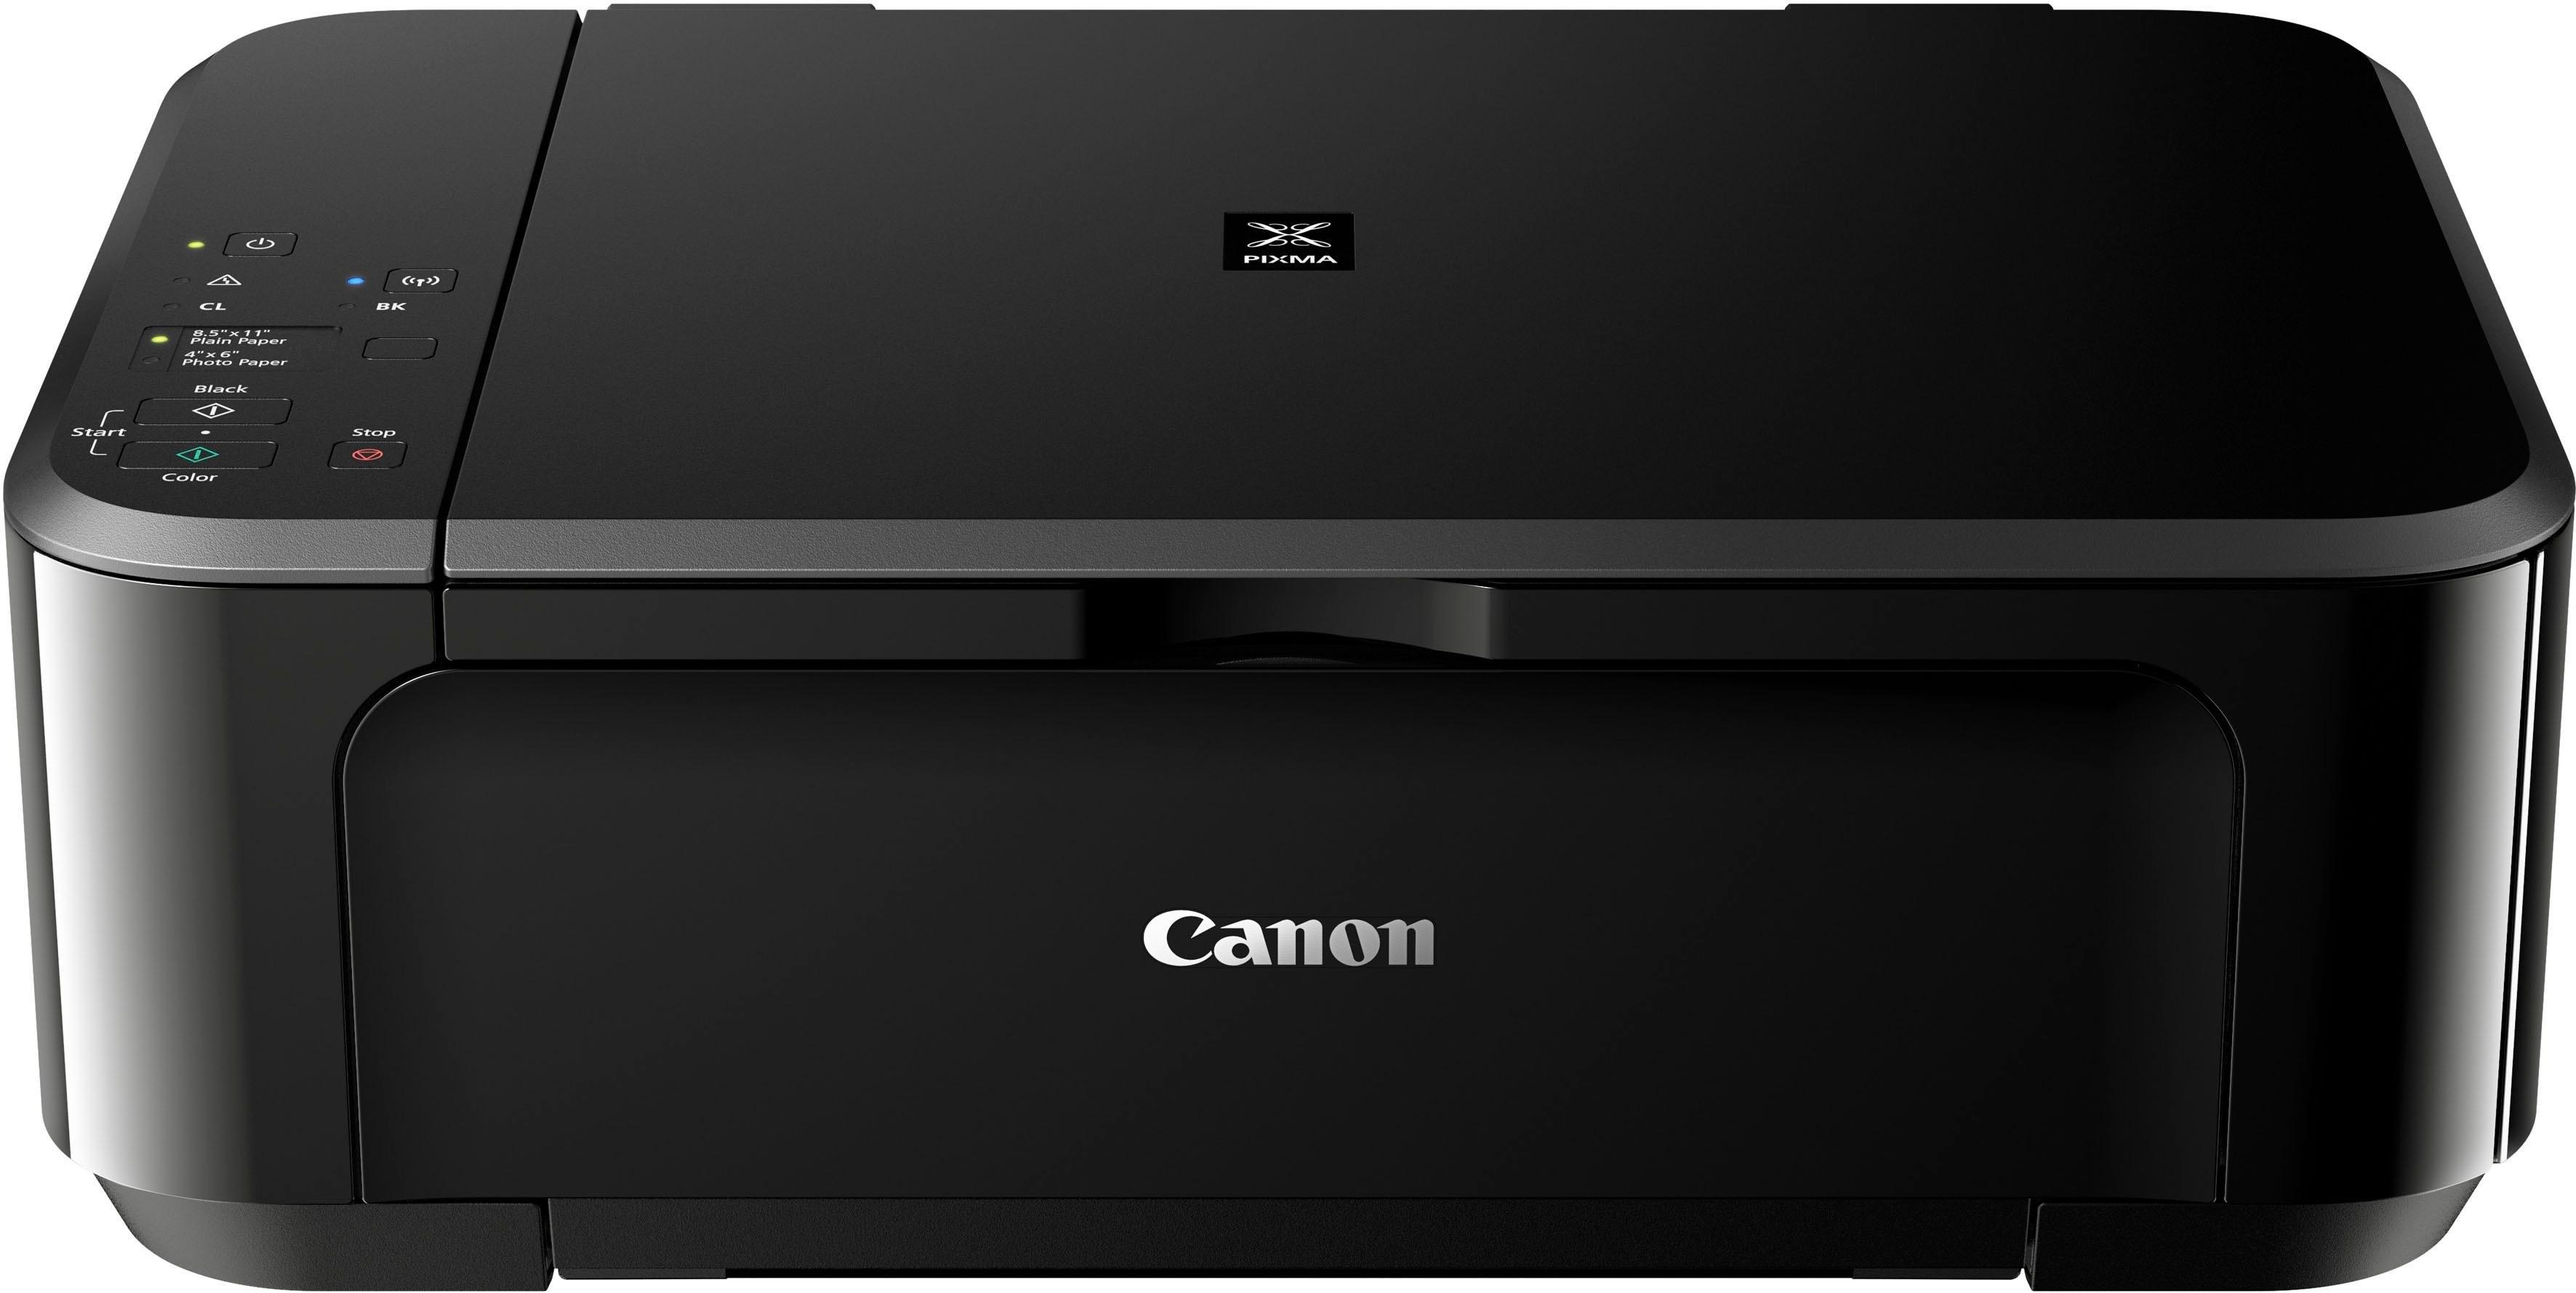 Canon PIXMA MG3650S printer nu online bestellen